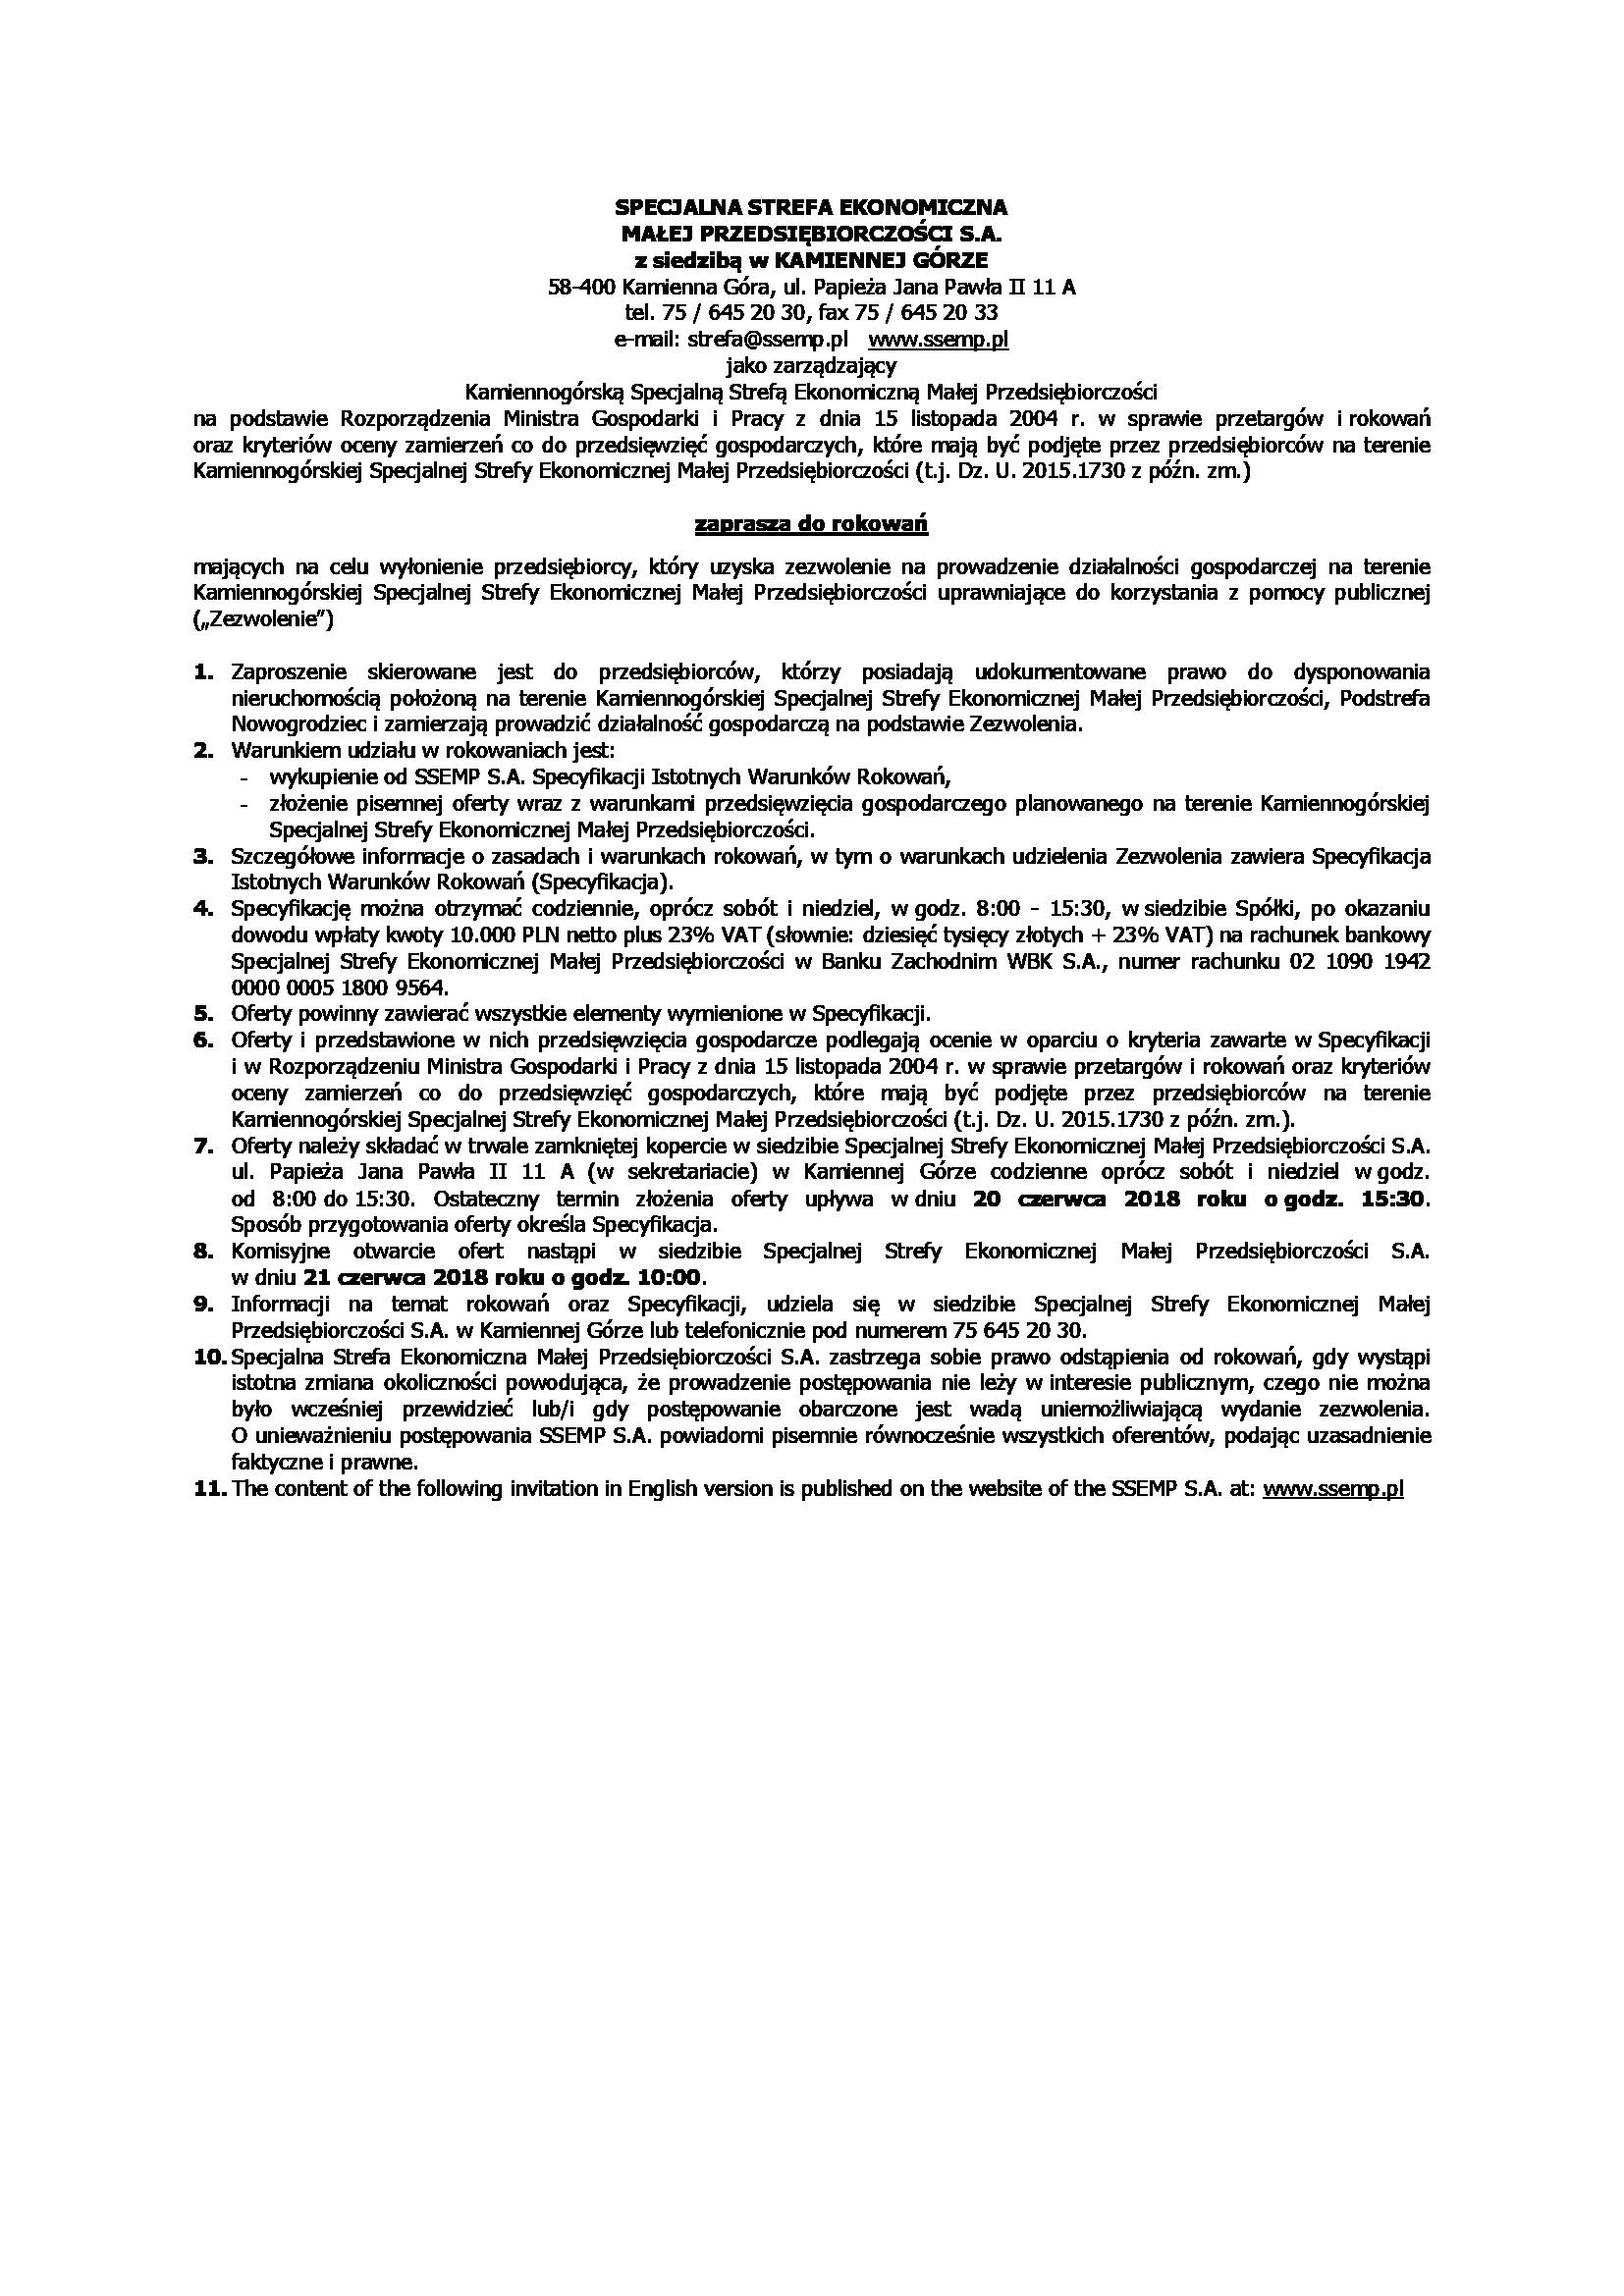 30.05.2018-rokowania-Nowogrodziec